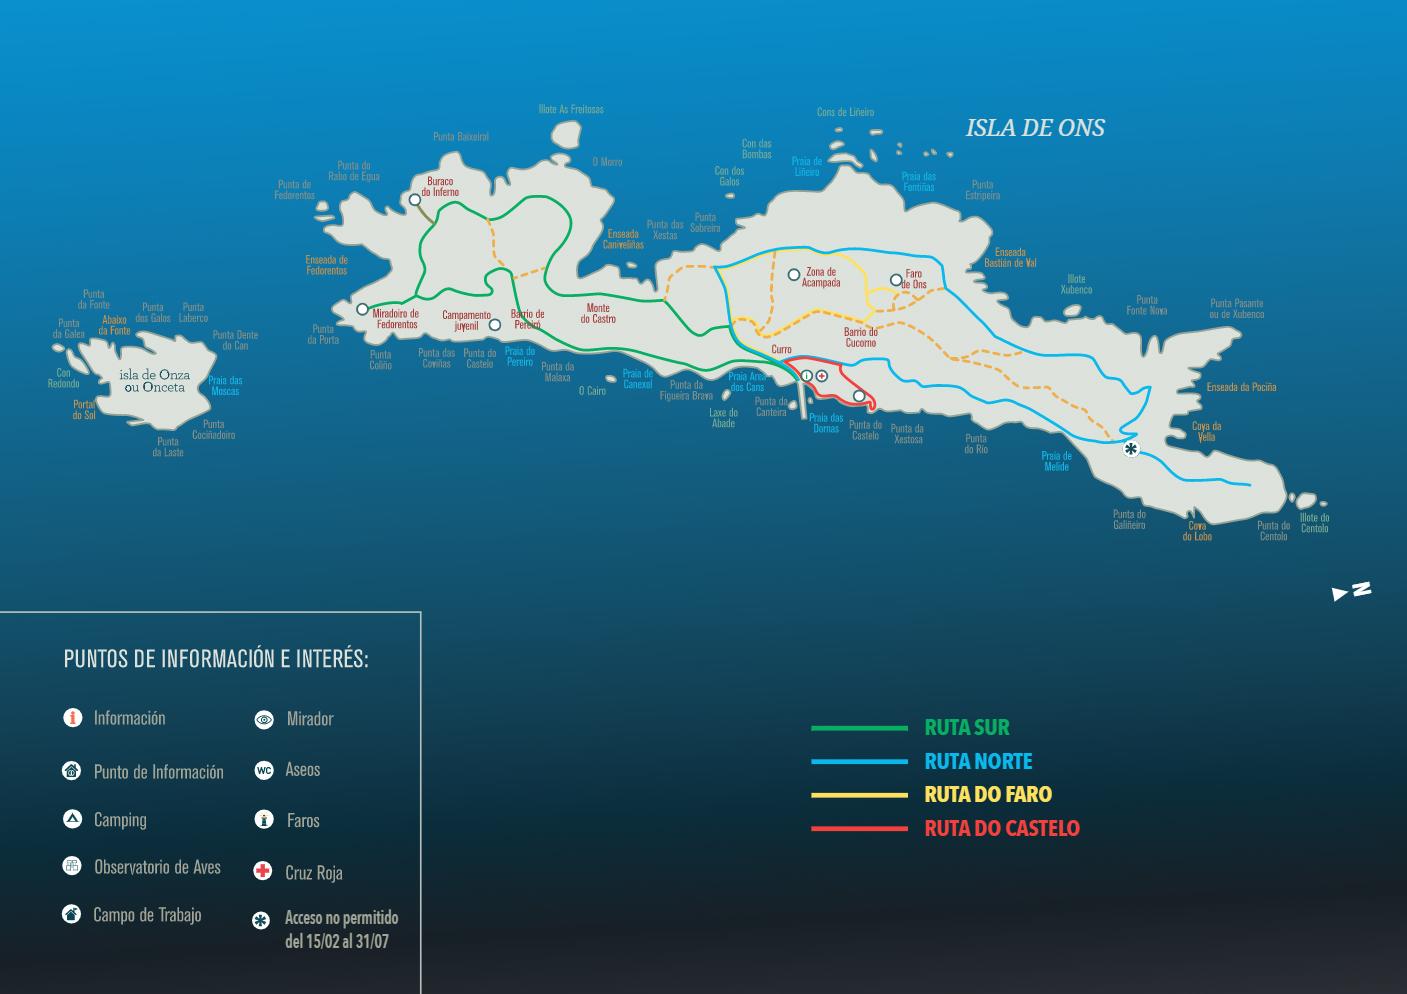 Rutas de Senderismo Isla de Ons